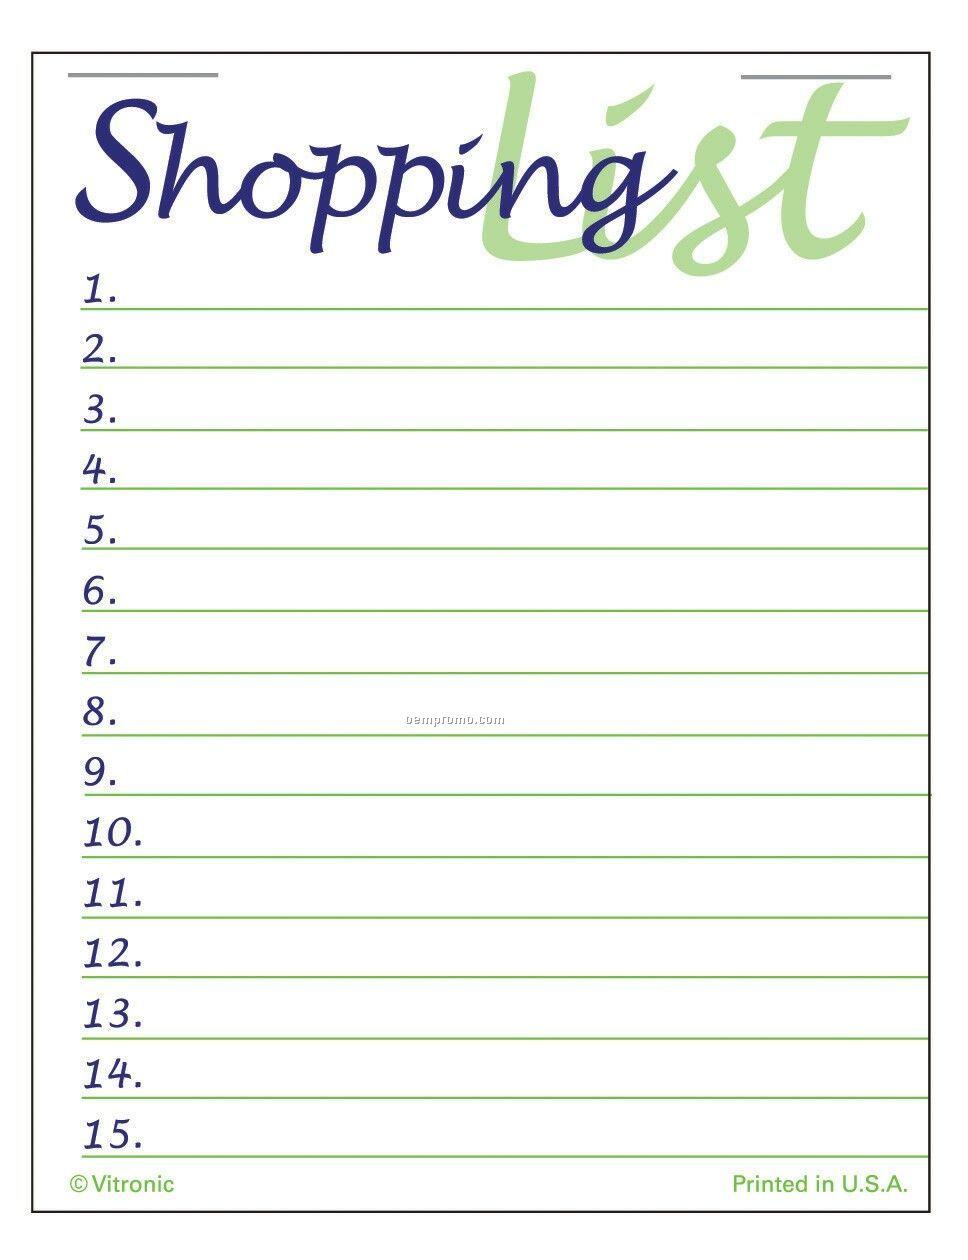 Super Size Shopping List Press-n-stick Calendar (After 8/1/2011)